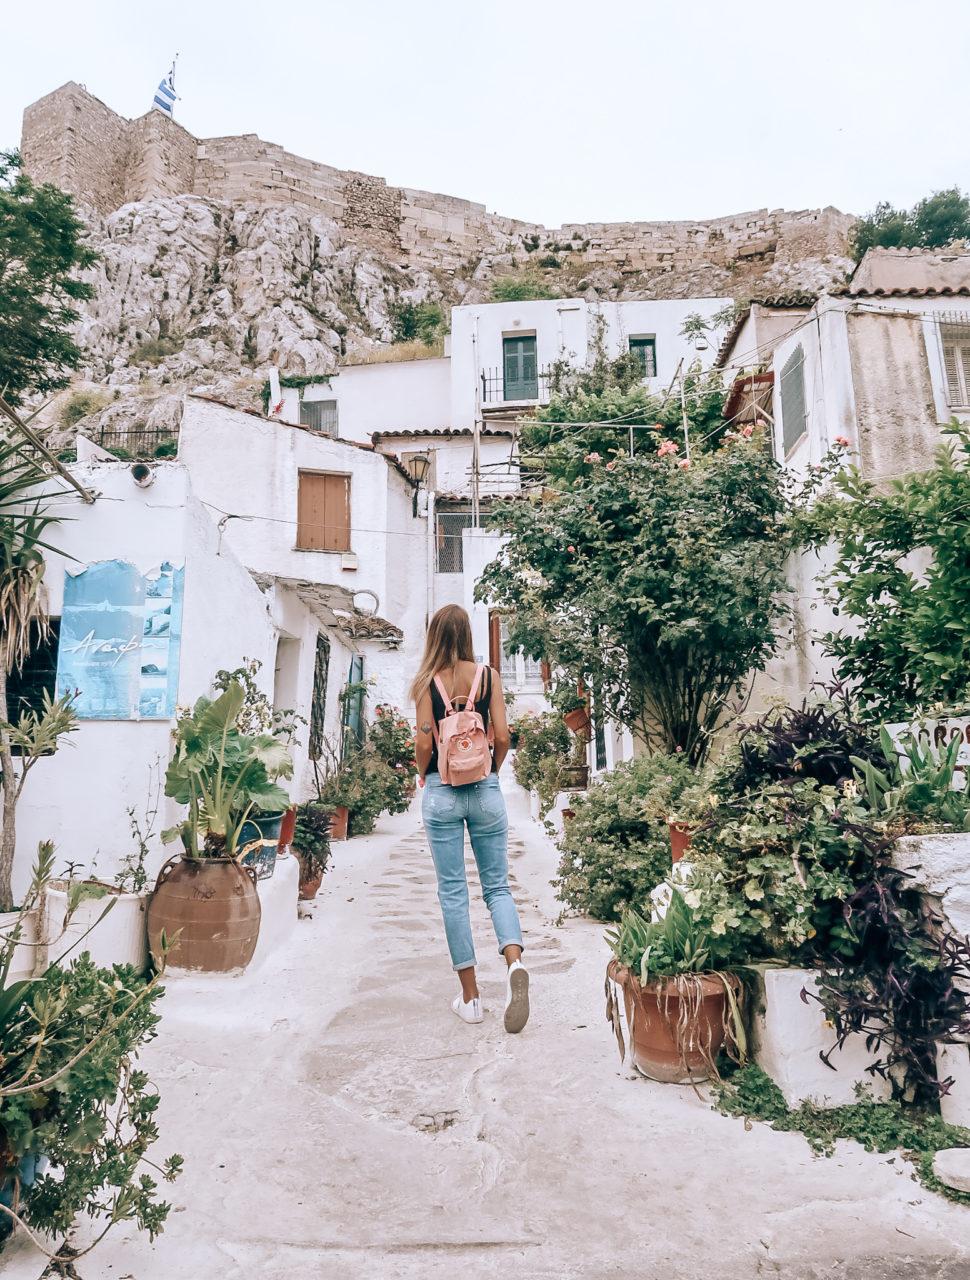 Anafiotika i Athen - en lille bydel under Akropolis. Guide til Athen.